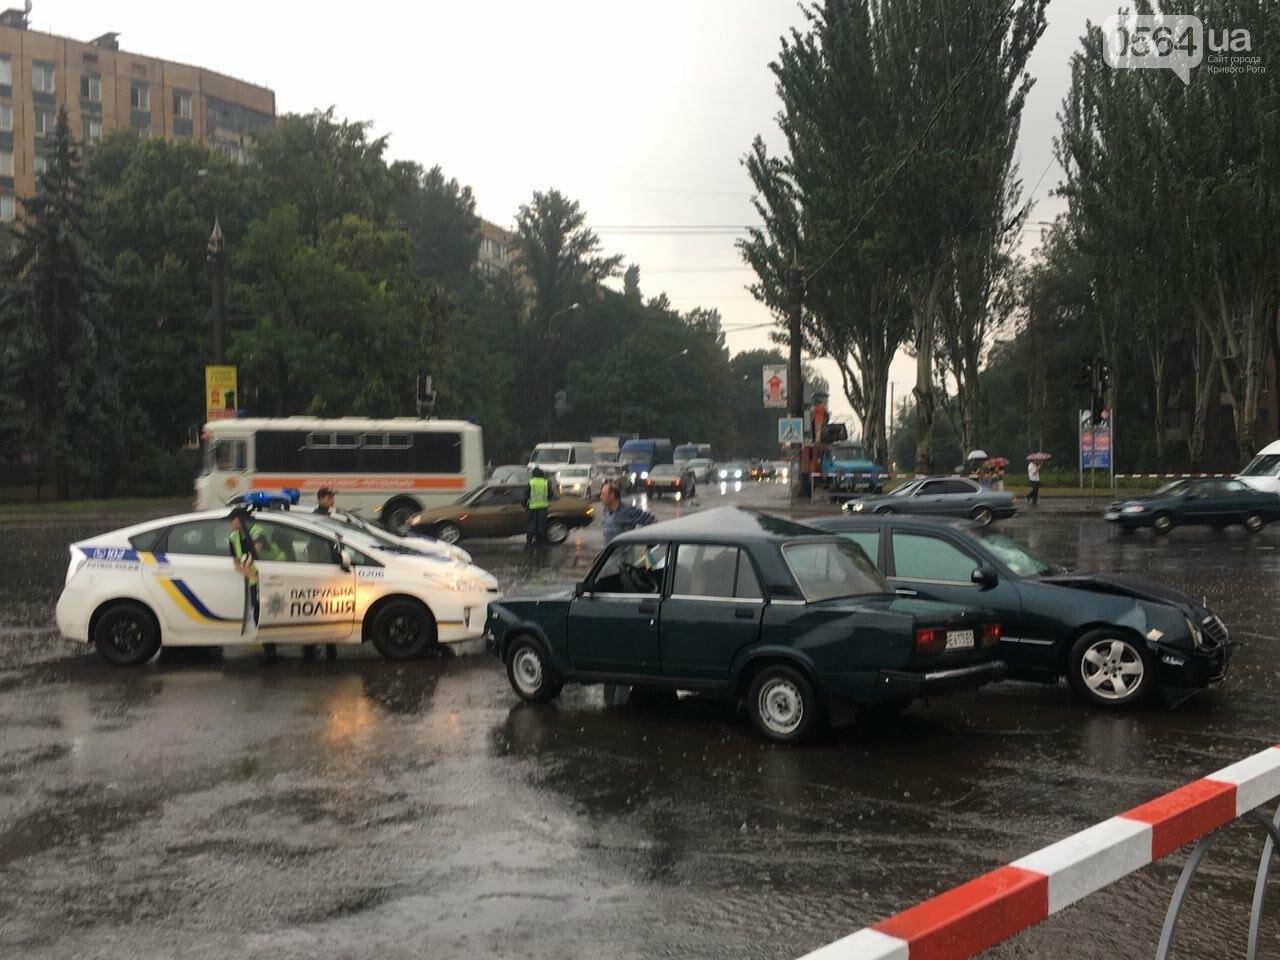 В Кривом Роге под дождем на перекрестке столкнулись иномарка и ВАЗ, - ФОТО, фото-7